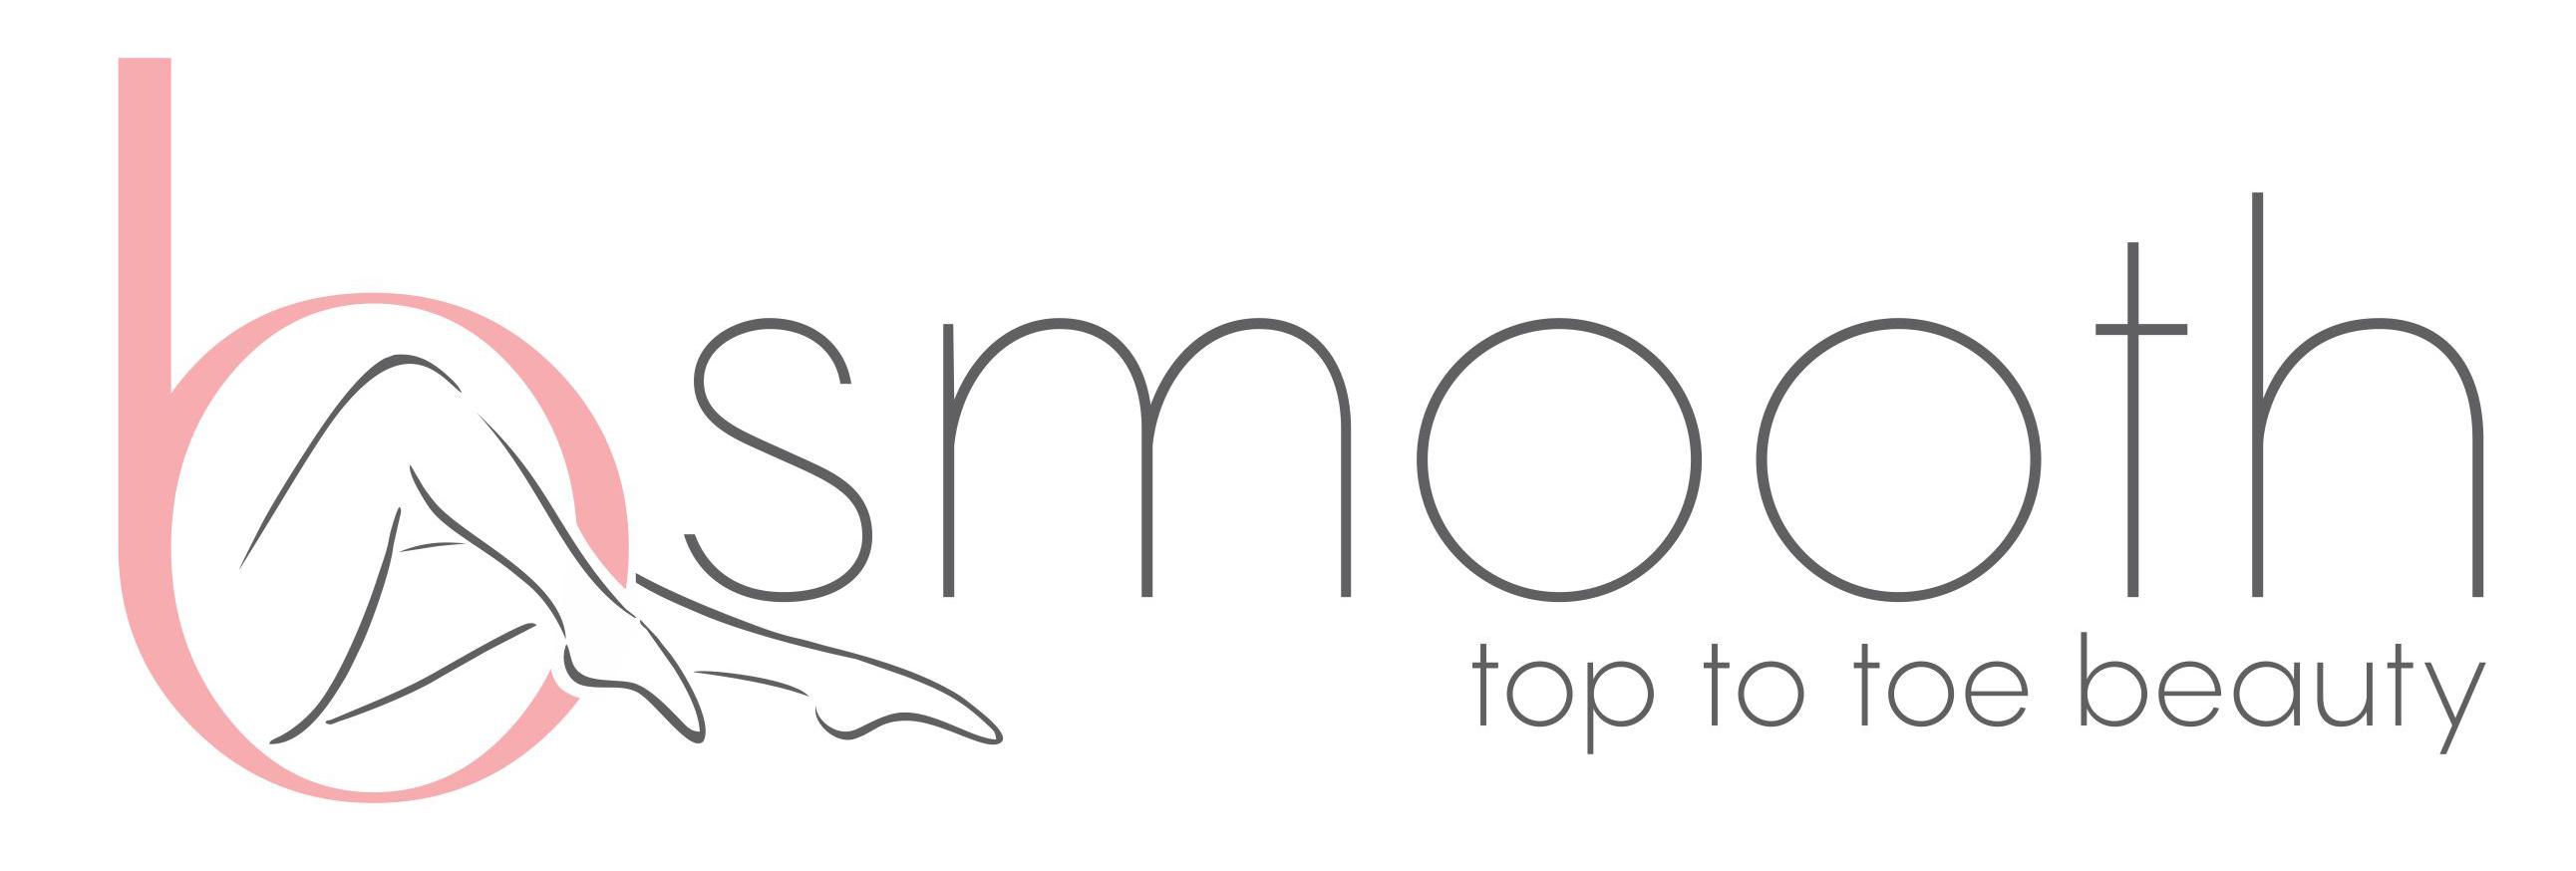 Bsmooth – Footlogix & Kinetics